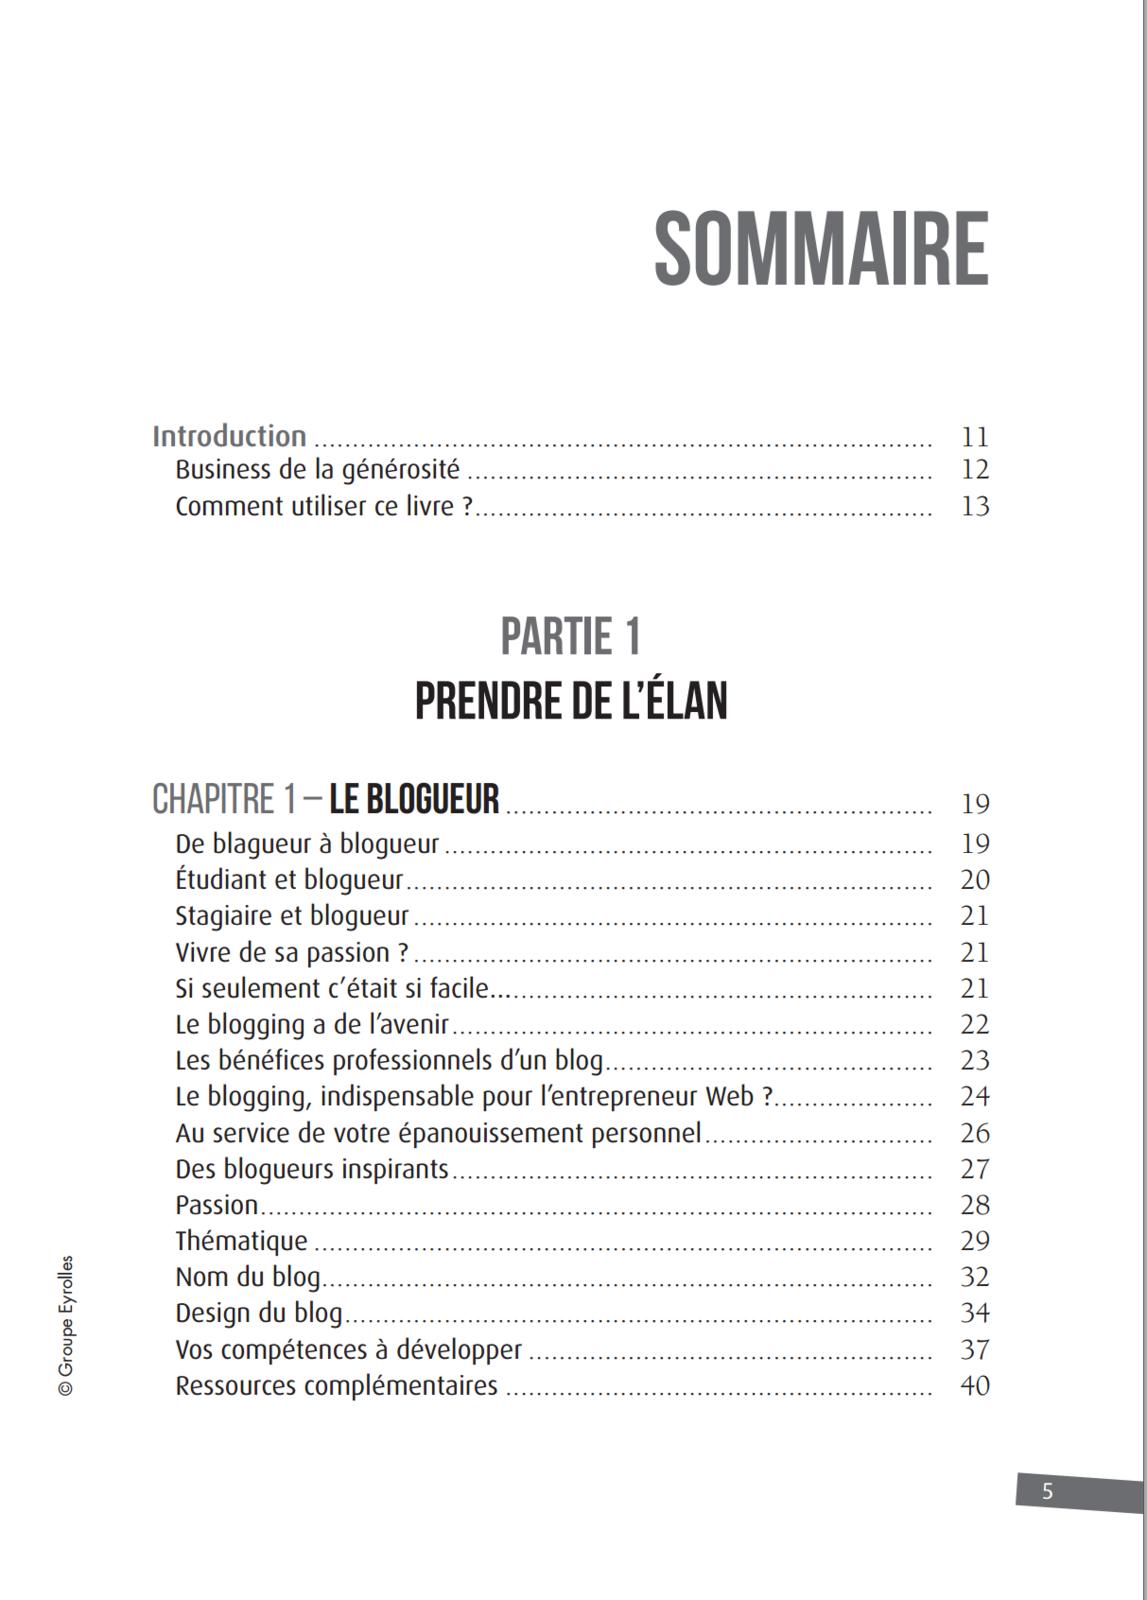 Le sommaire complet du livre